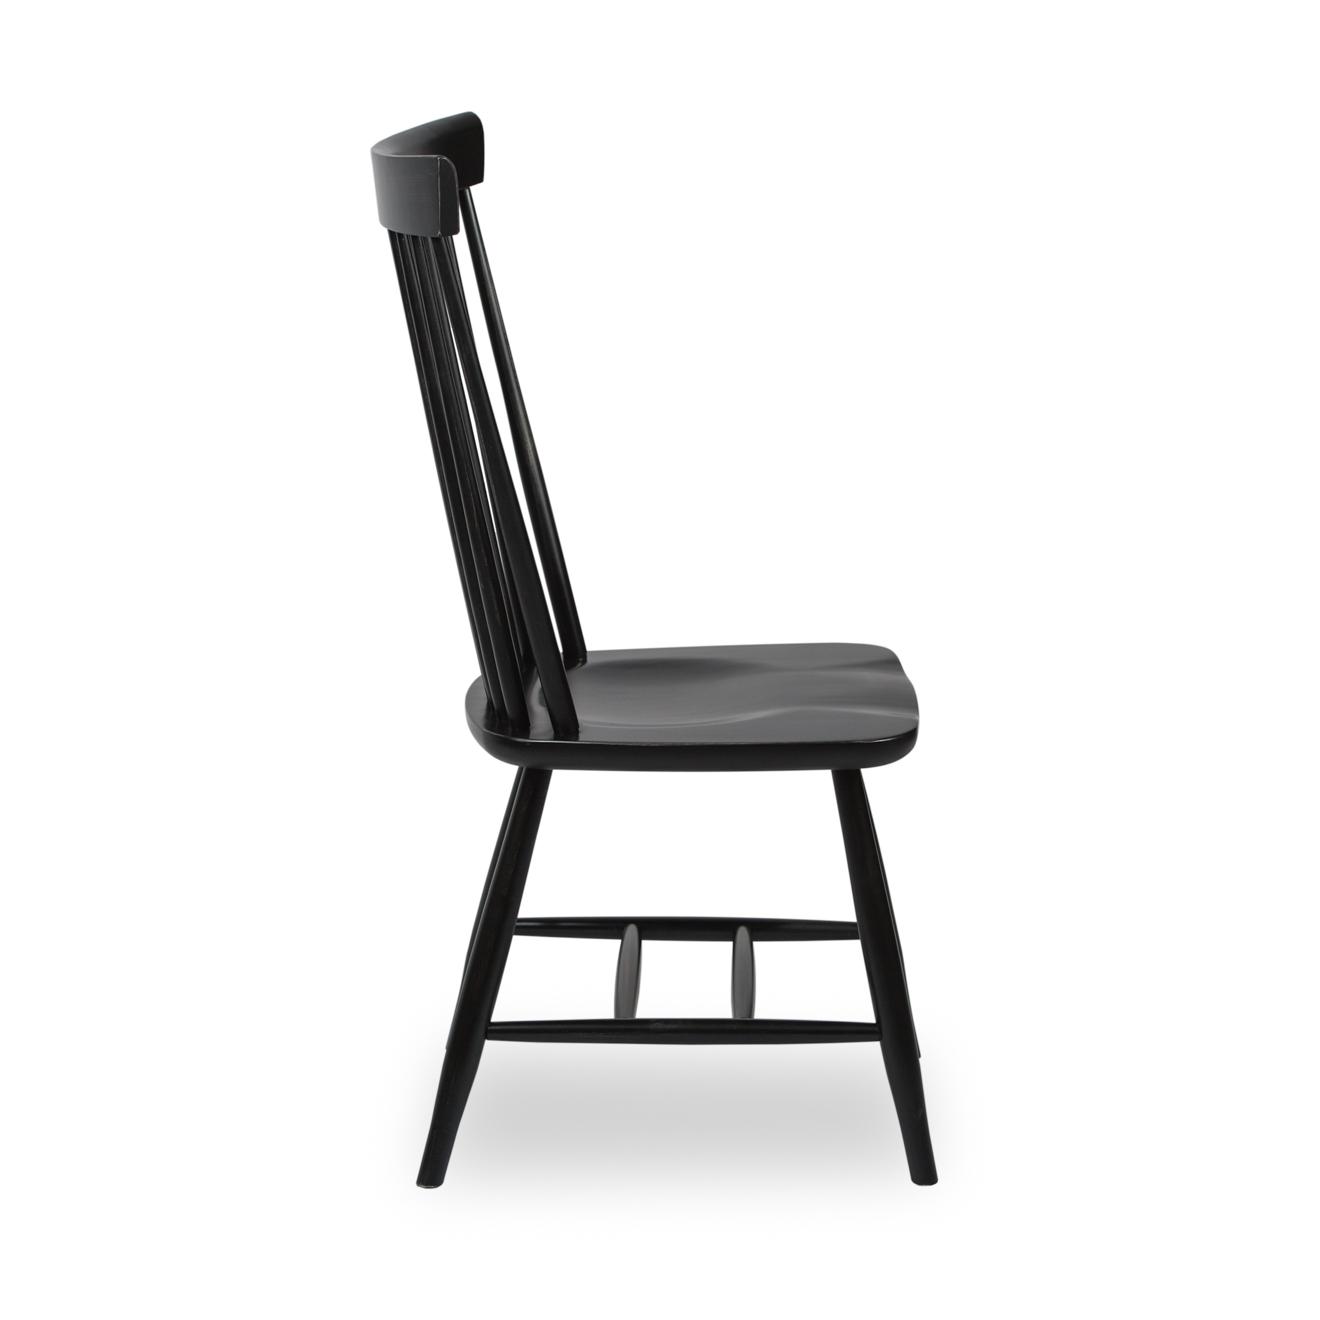 003_Woodcraft_Furniture_WindsorBentArrow_Side-1.jpg